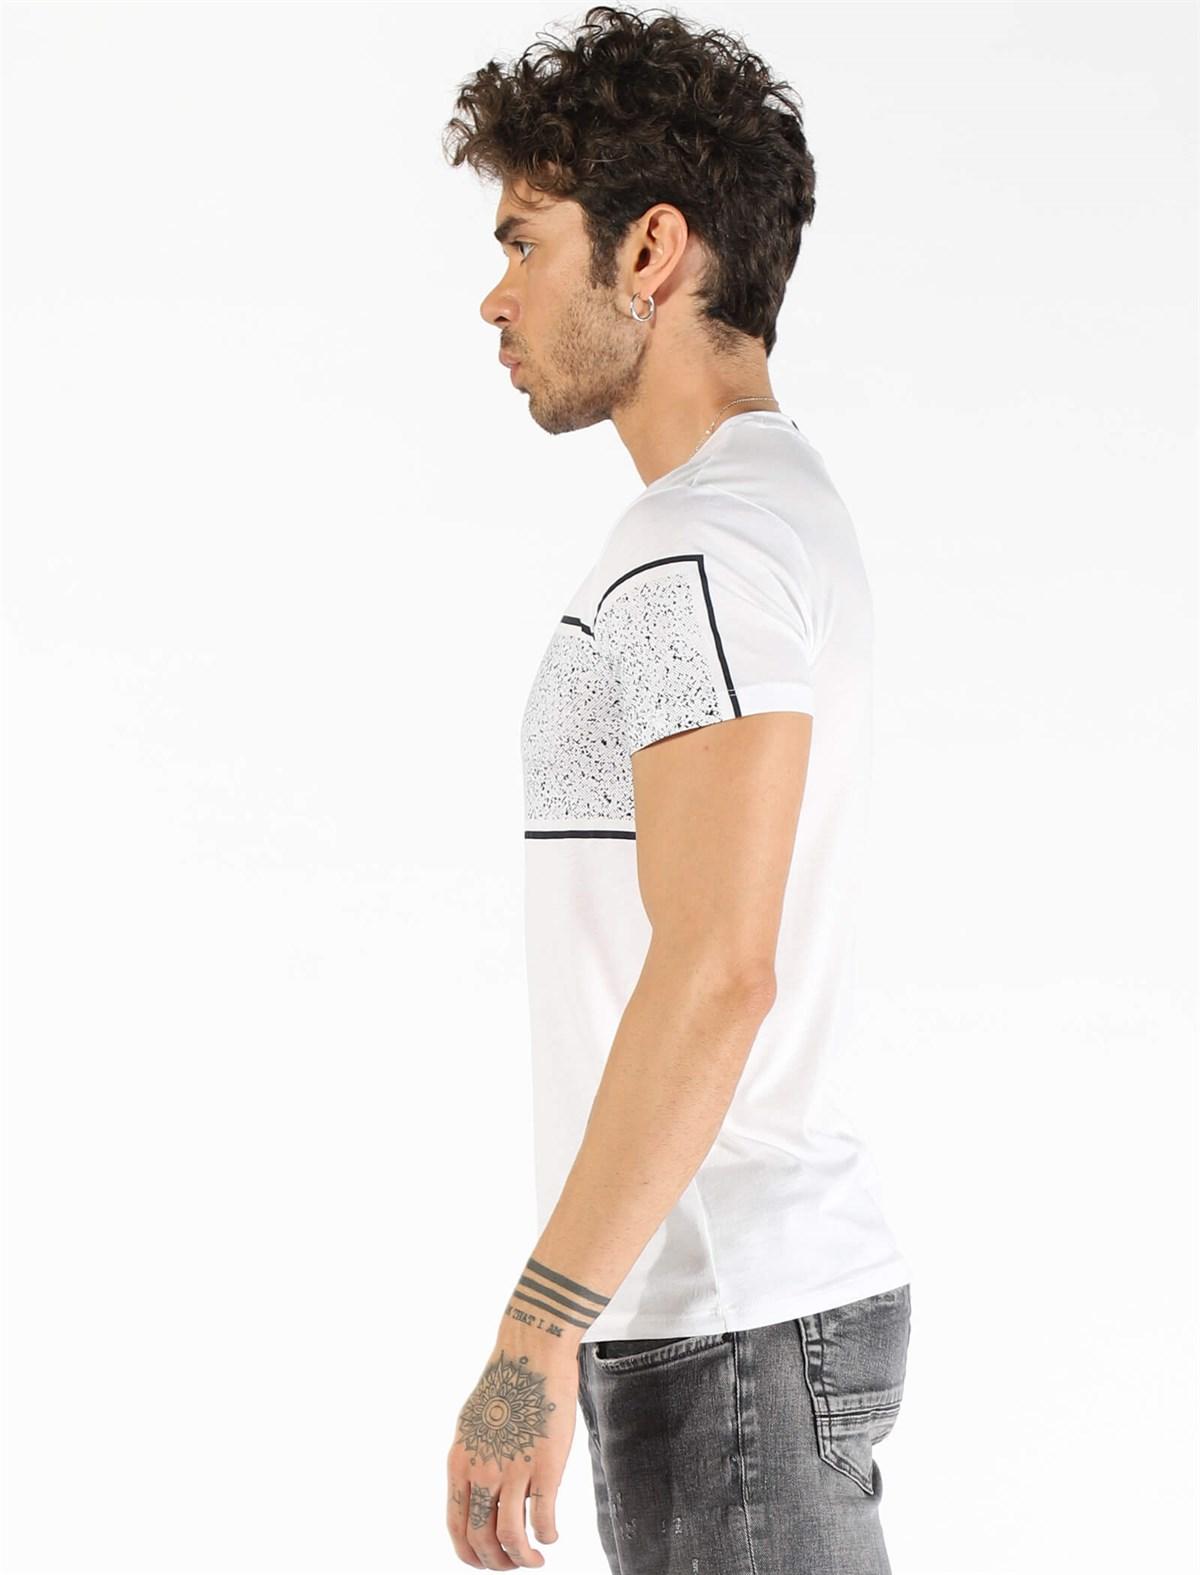 Men's Short Sleeve White T-shirt